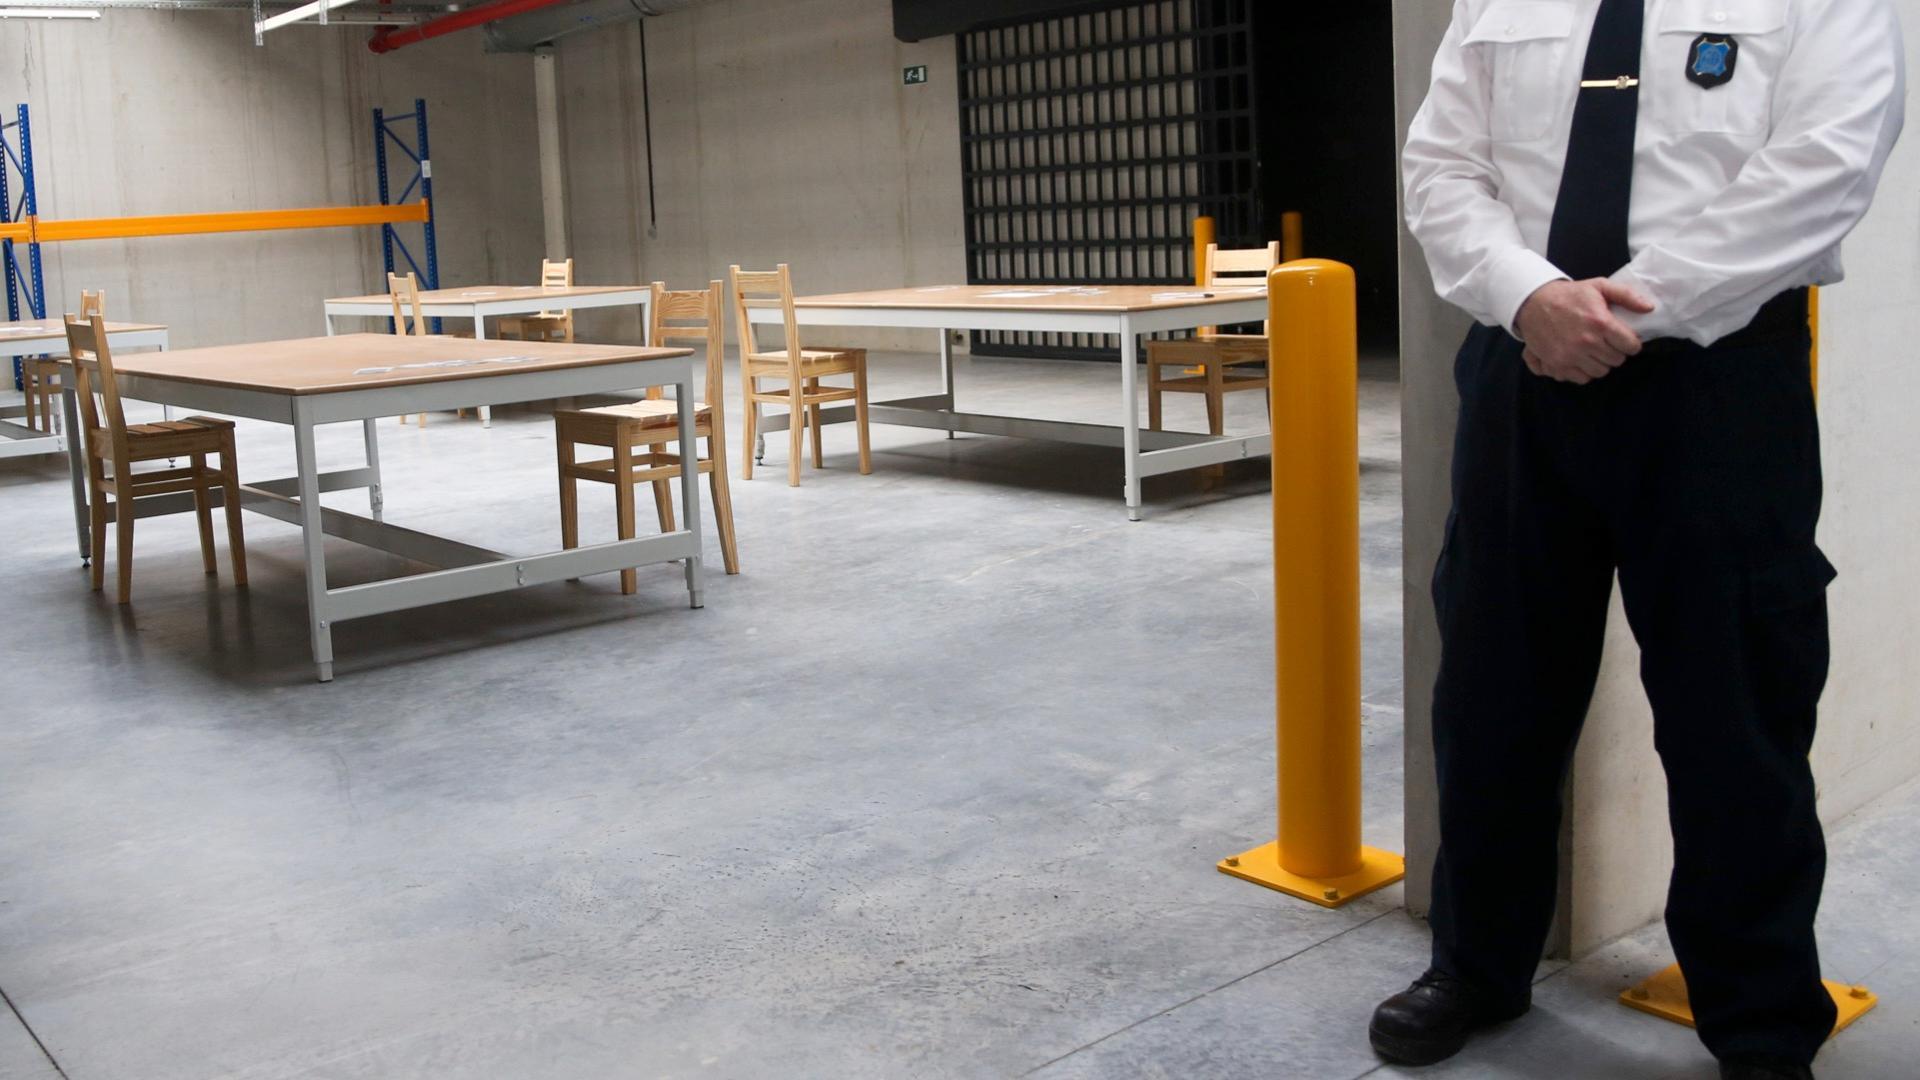 Un gardien sur deux en grève à la prison de Leuze